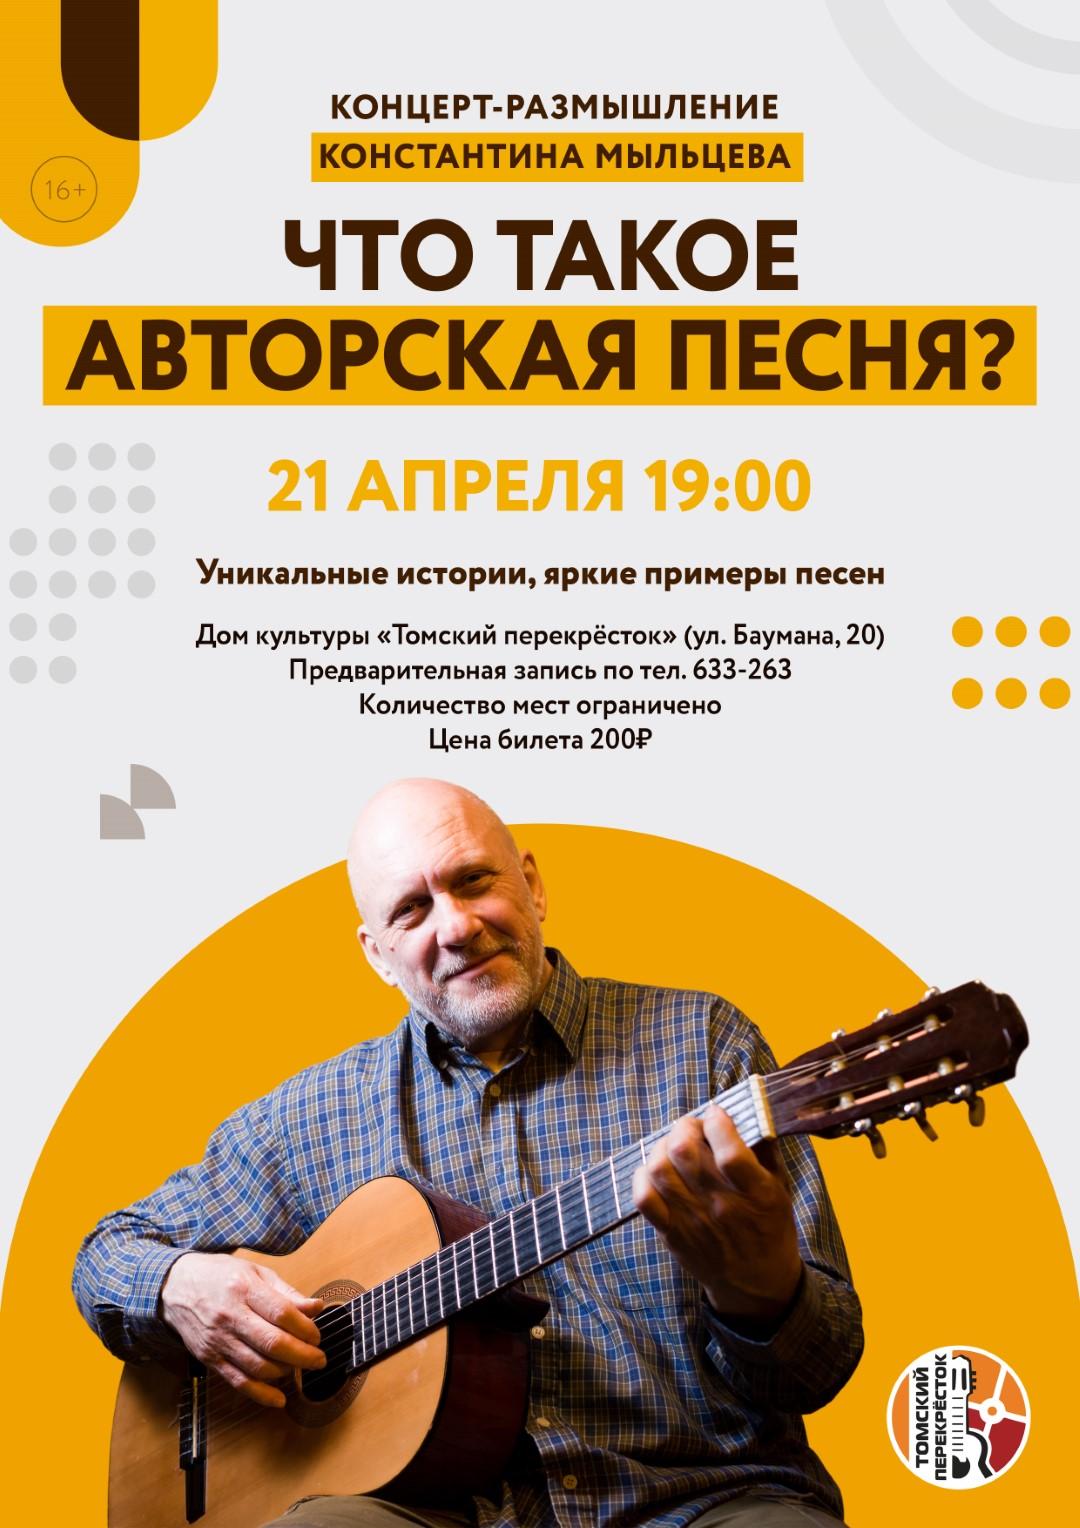 афиша Кости Мыльцева